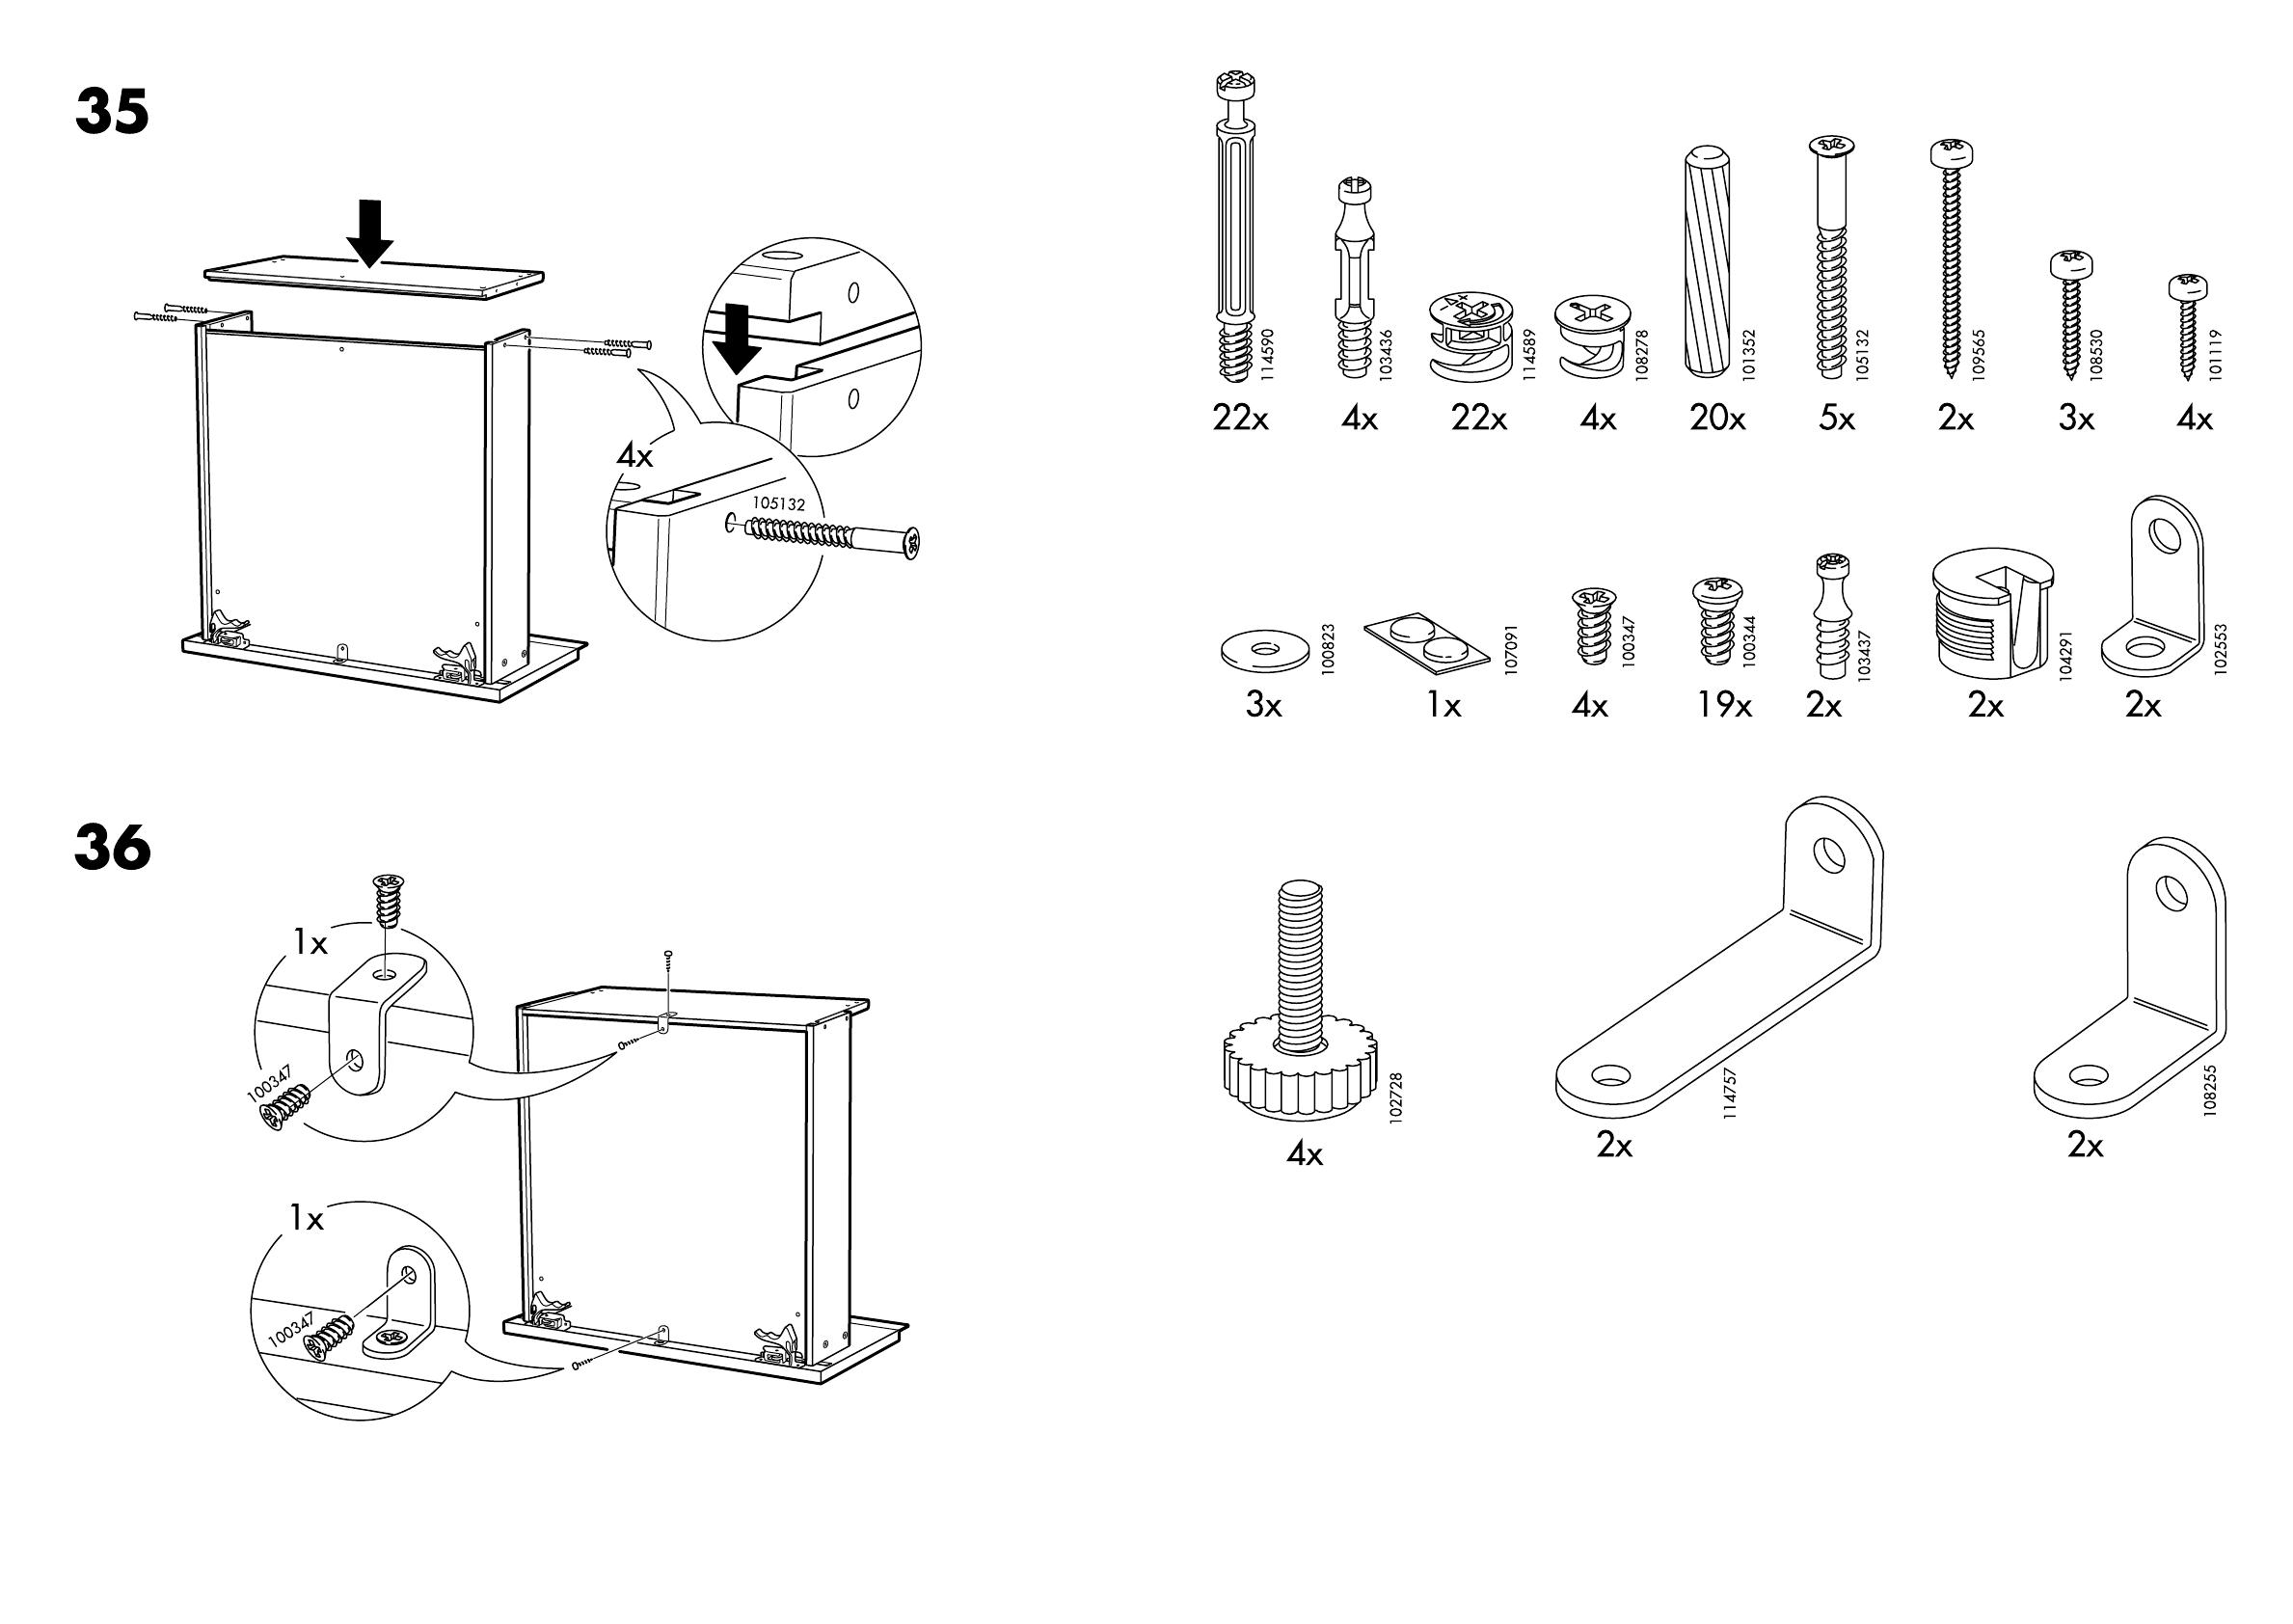 Handleiding Ikea Bravad (pagina 5 van 14) (Dansk, Deutsch ...